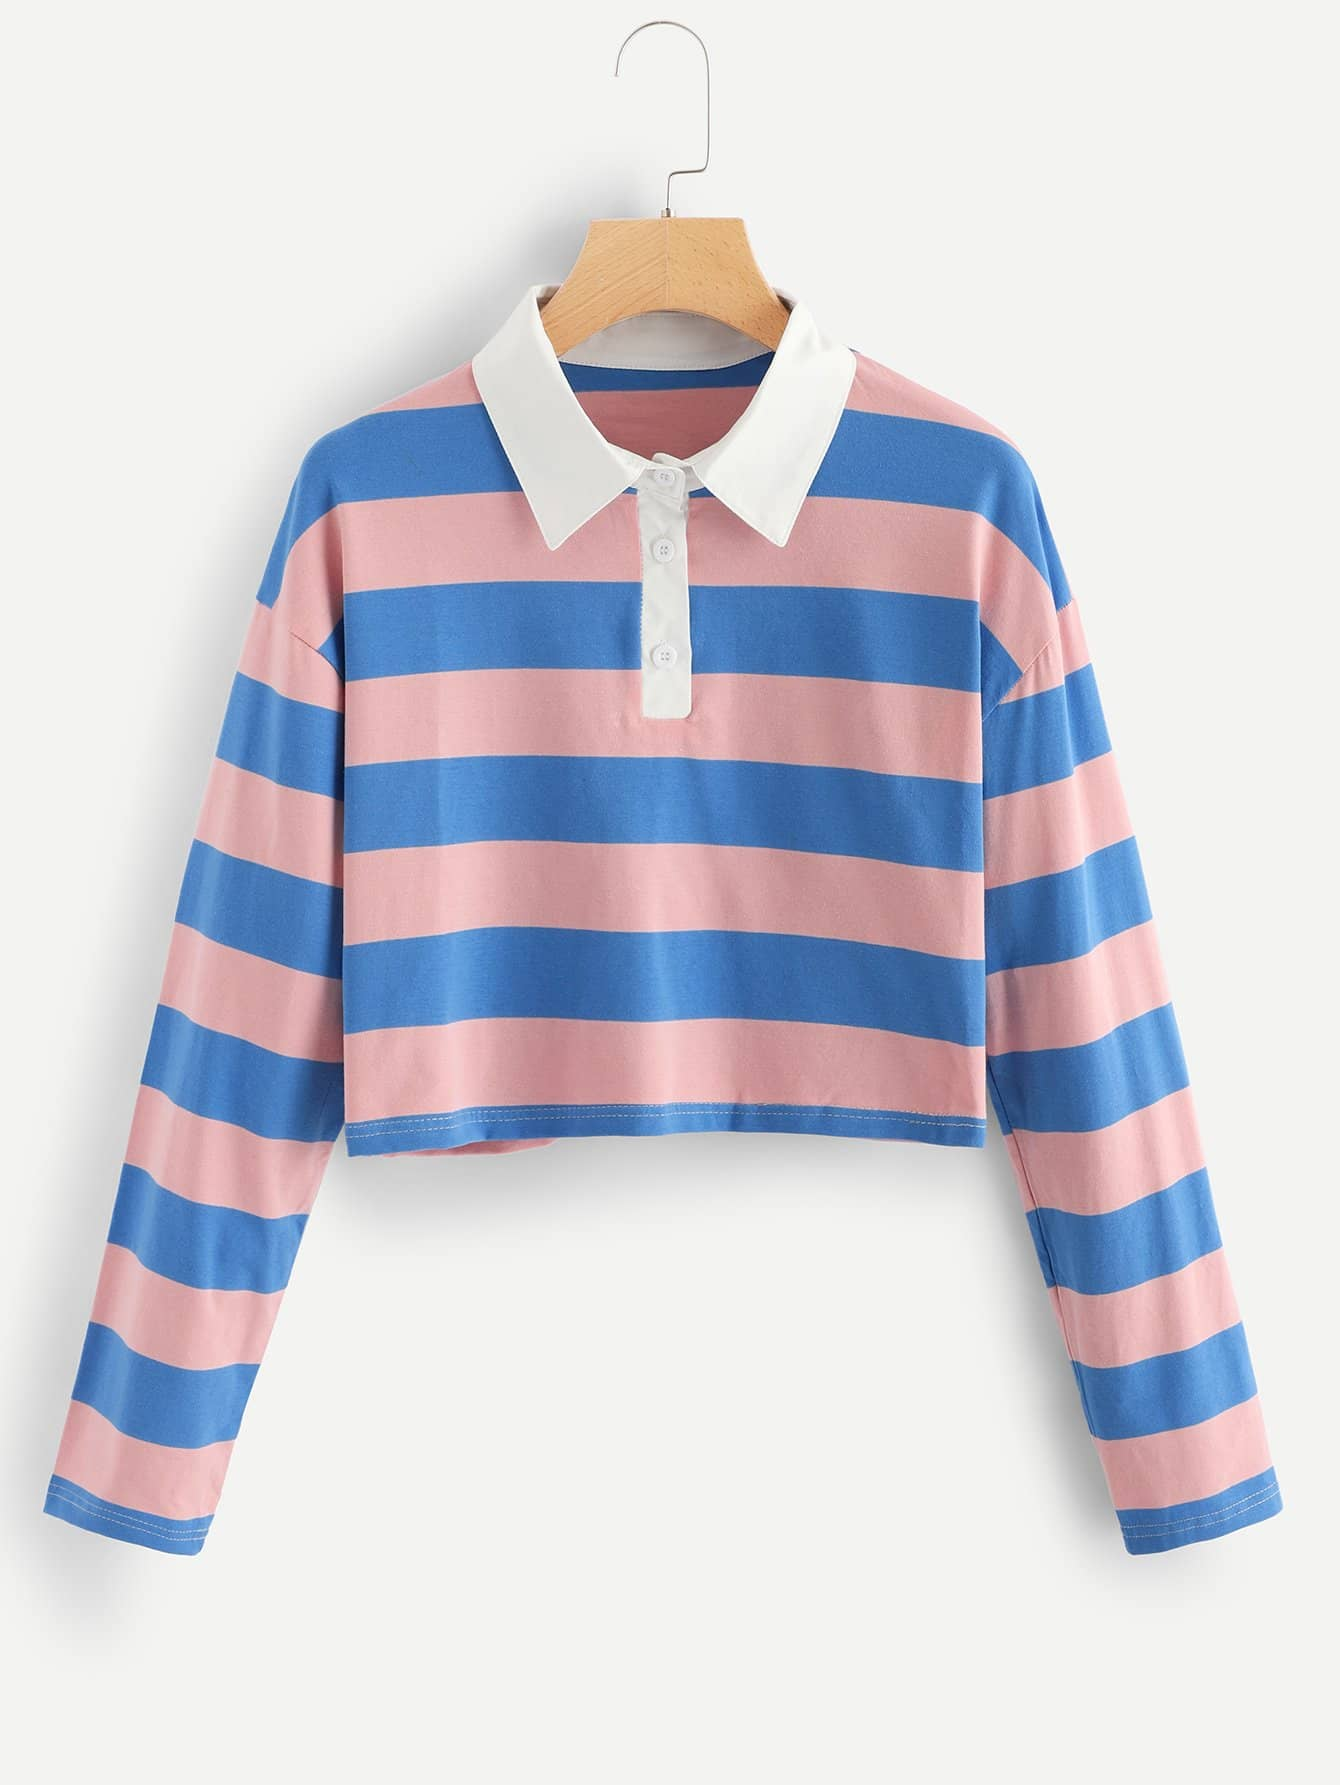 Джинсовые шорты  Бежевый цвета